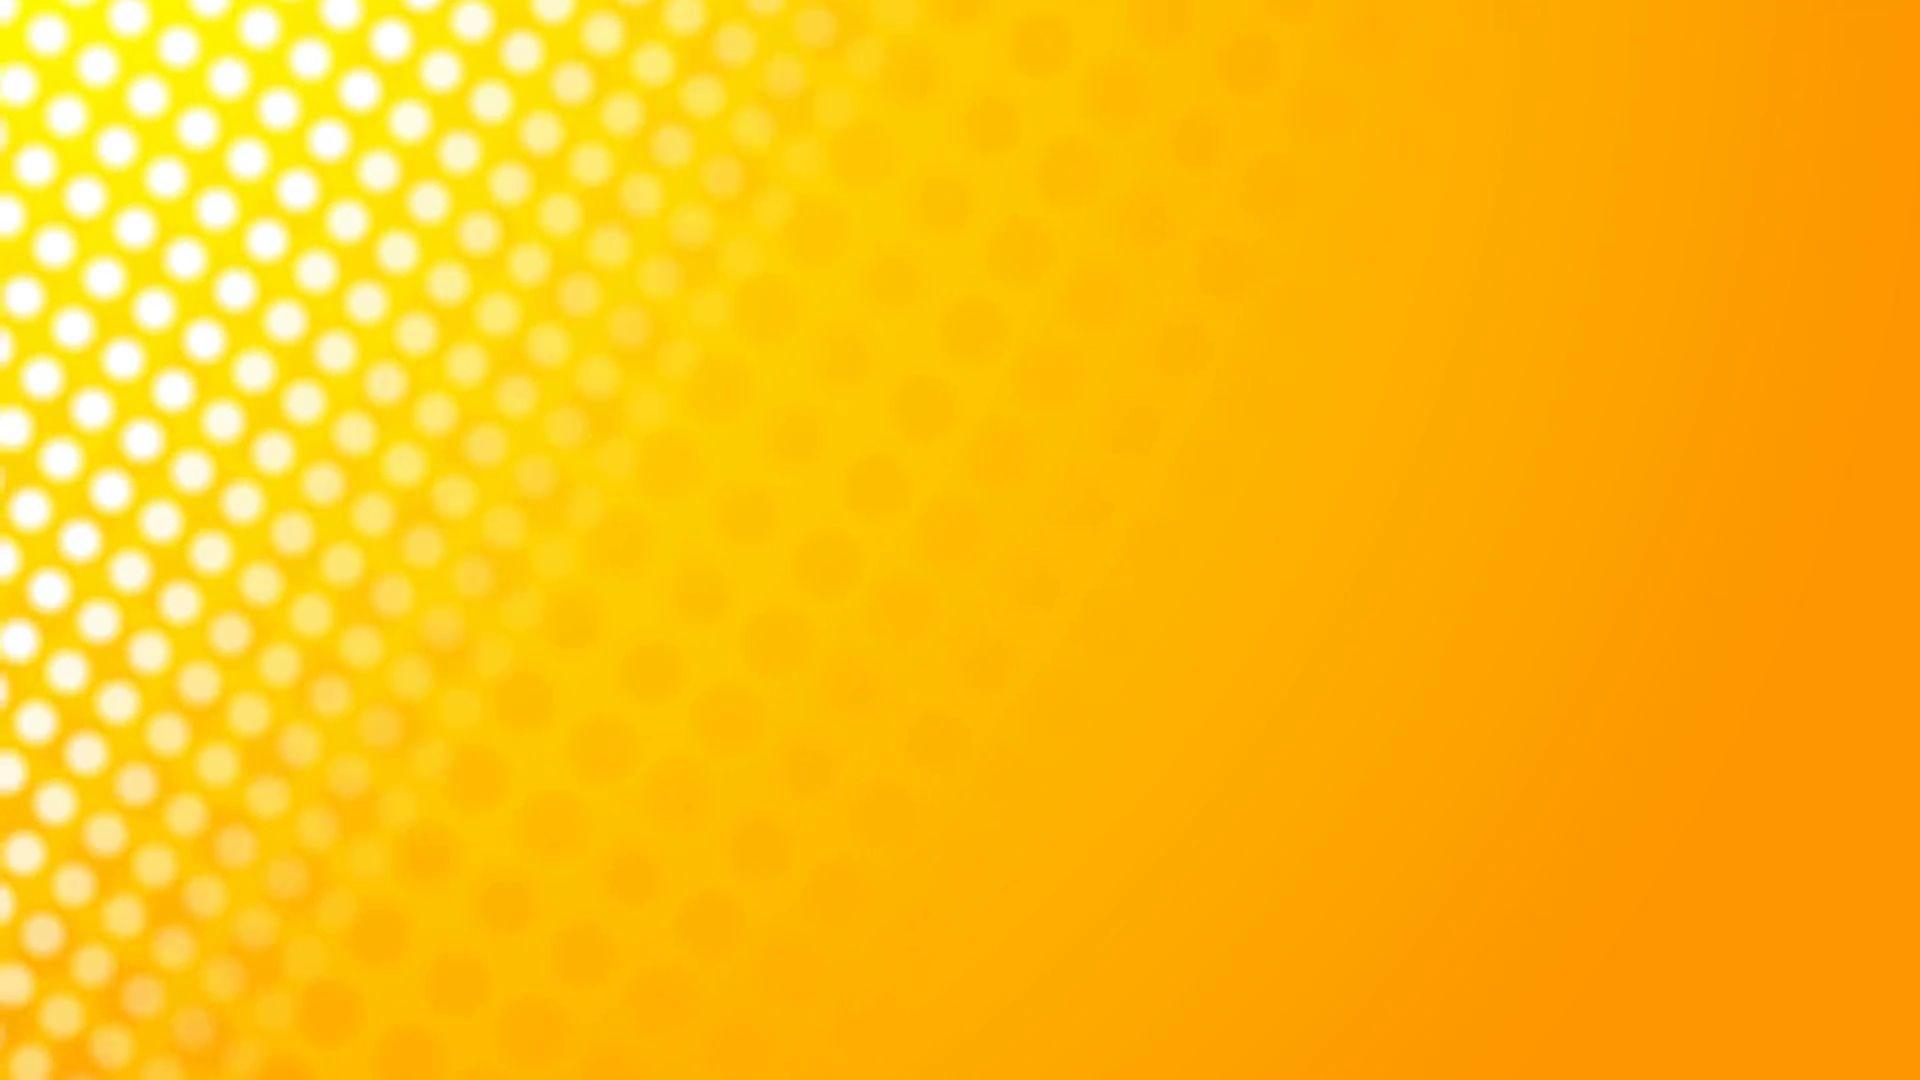 Download Png Banner Background Hd Png Gif Base Banner Background Hd Banner Background Images Flex Banner Design